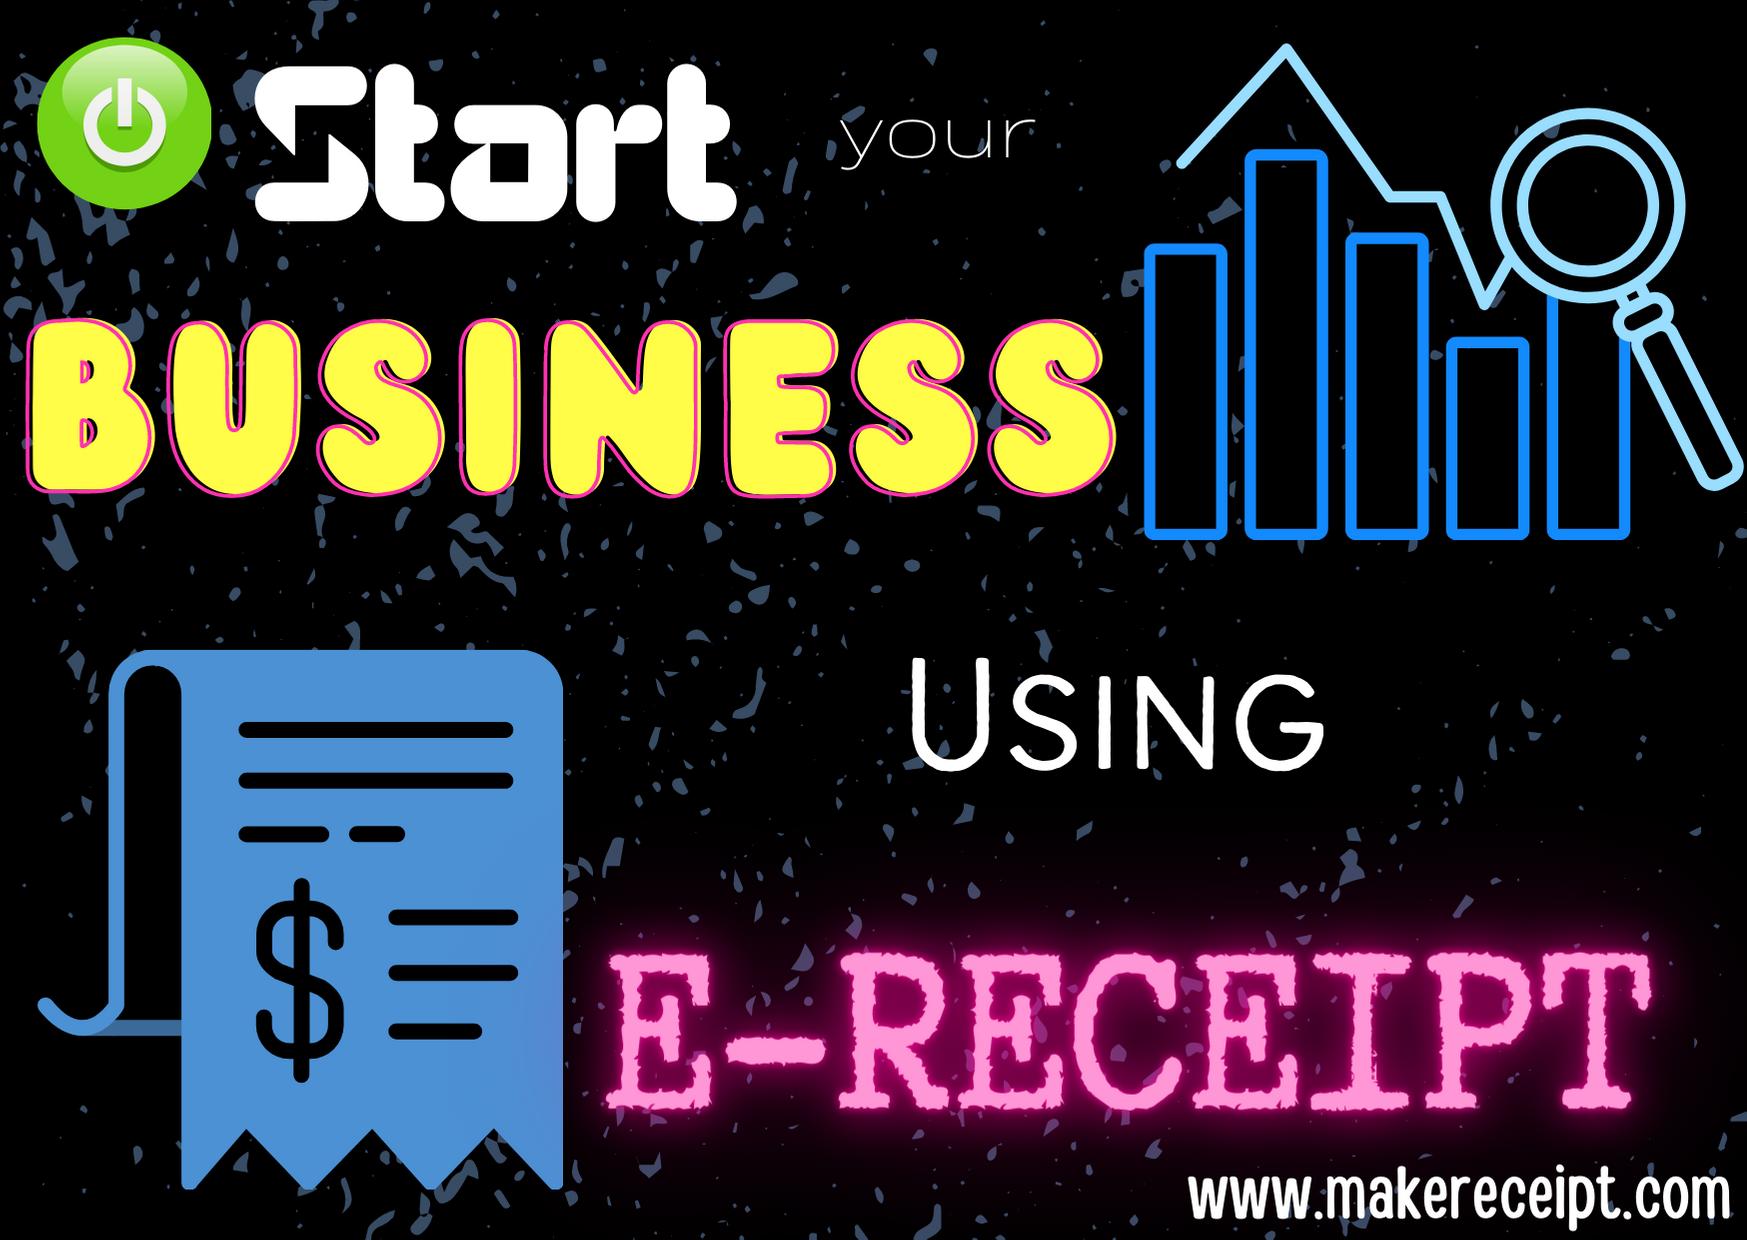 Start Your Business Using E-receipt